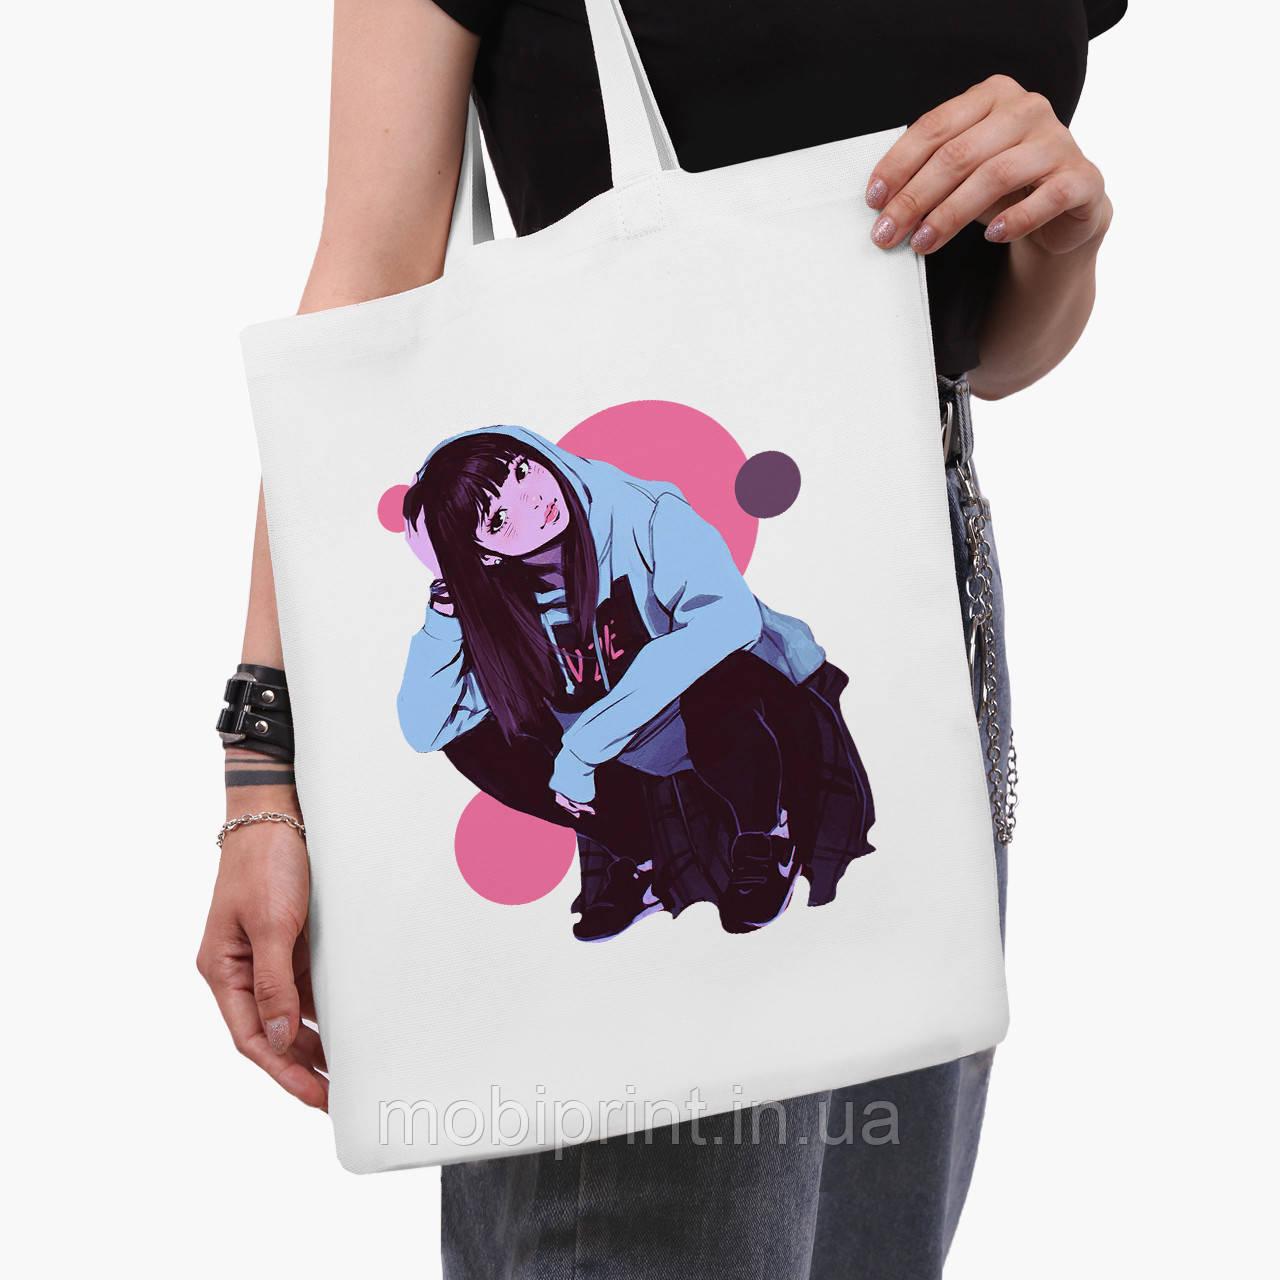 Еко сумка шоппер біла Дівчина (Girl) (9227-2836-3) 41*35 см